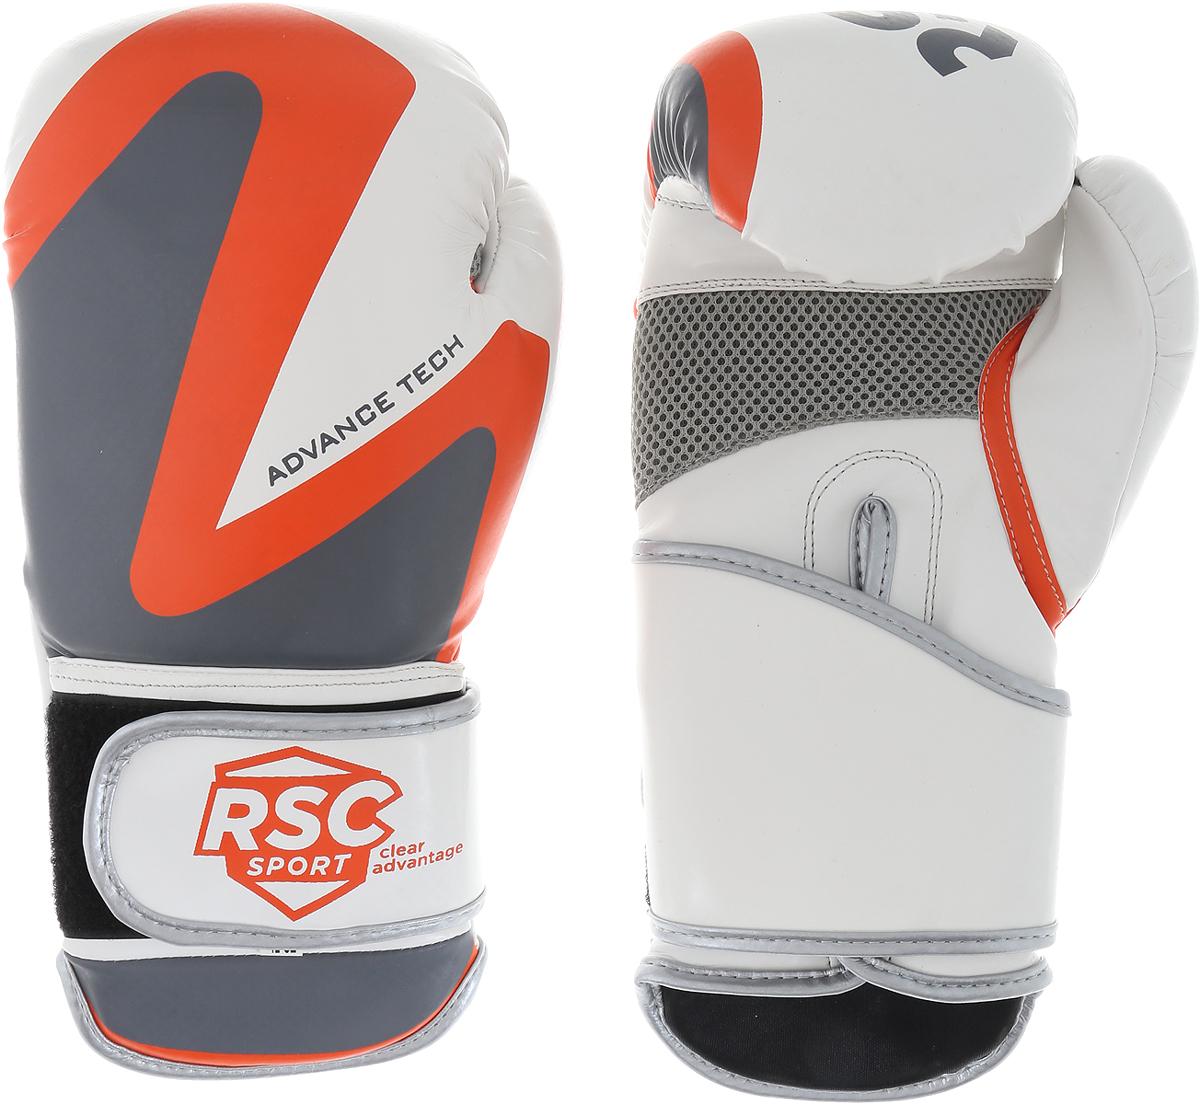 Перчатки боксерские RSC PU 2t c 3D, 00027036, белый, серый, оранжевый, вес 10 унций